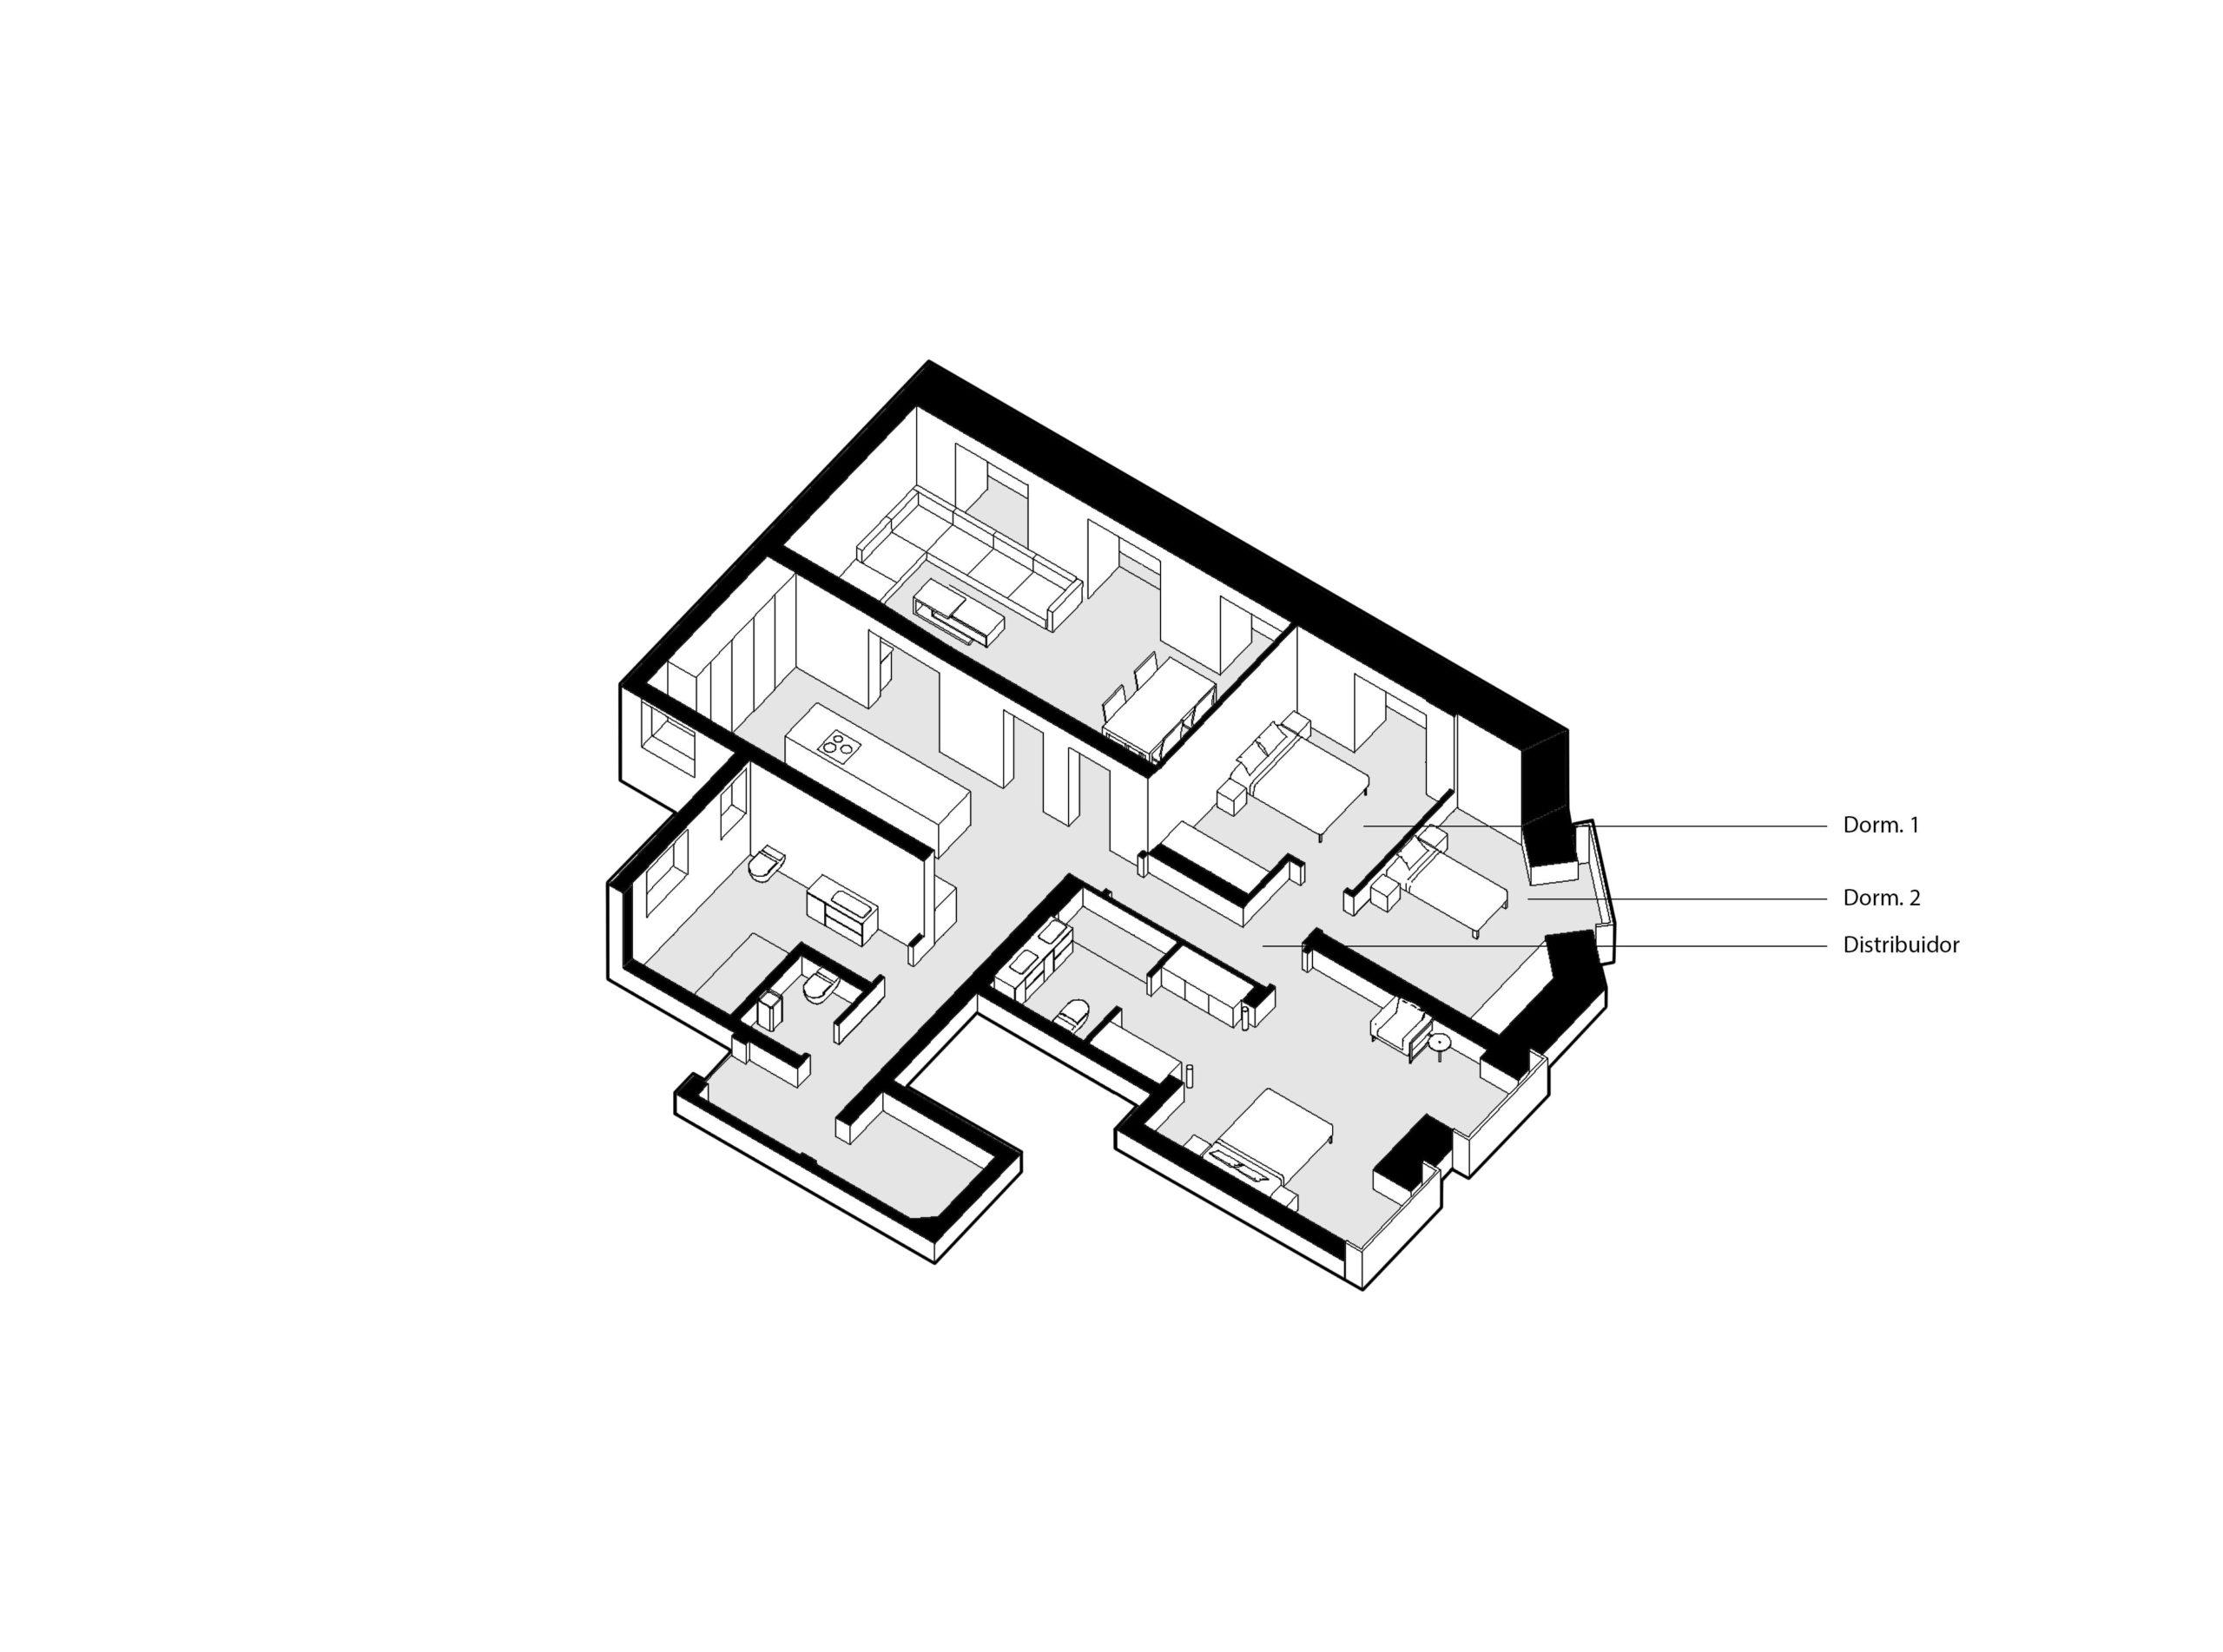 reforma-integral-vivienda-7_CASA JJ54 Dormitorios